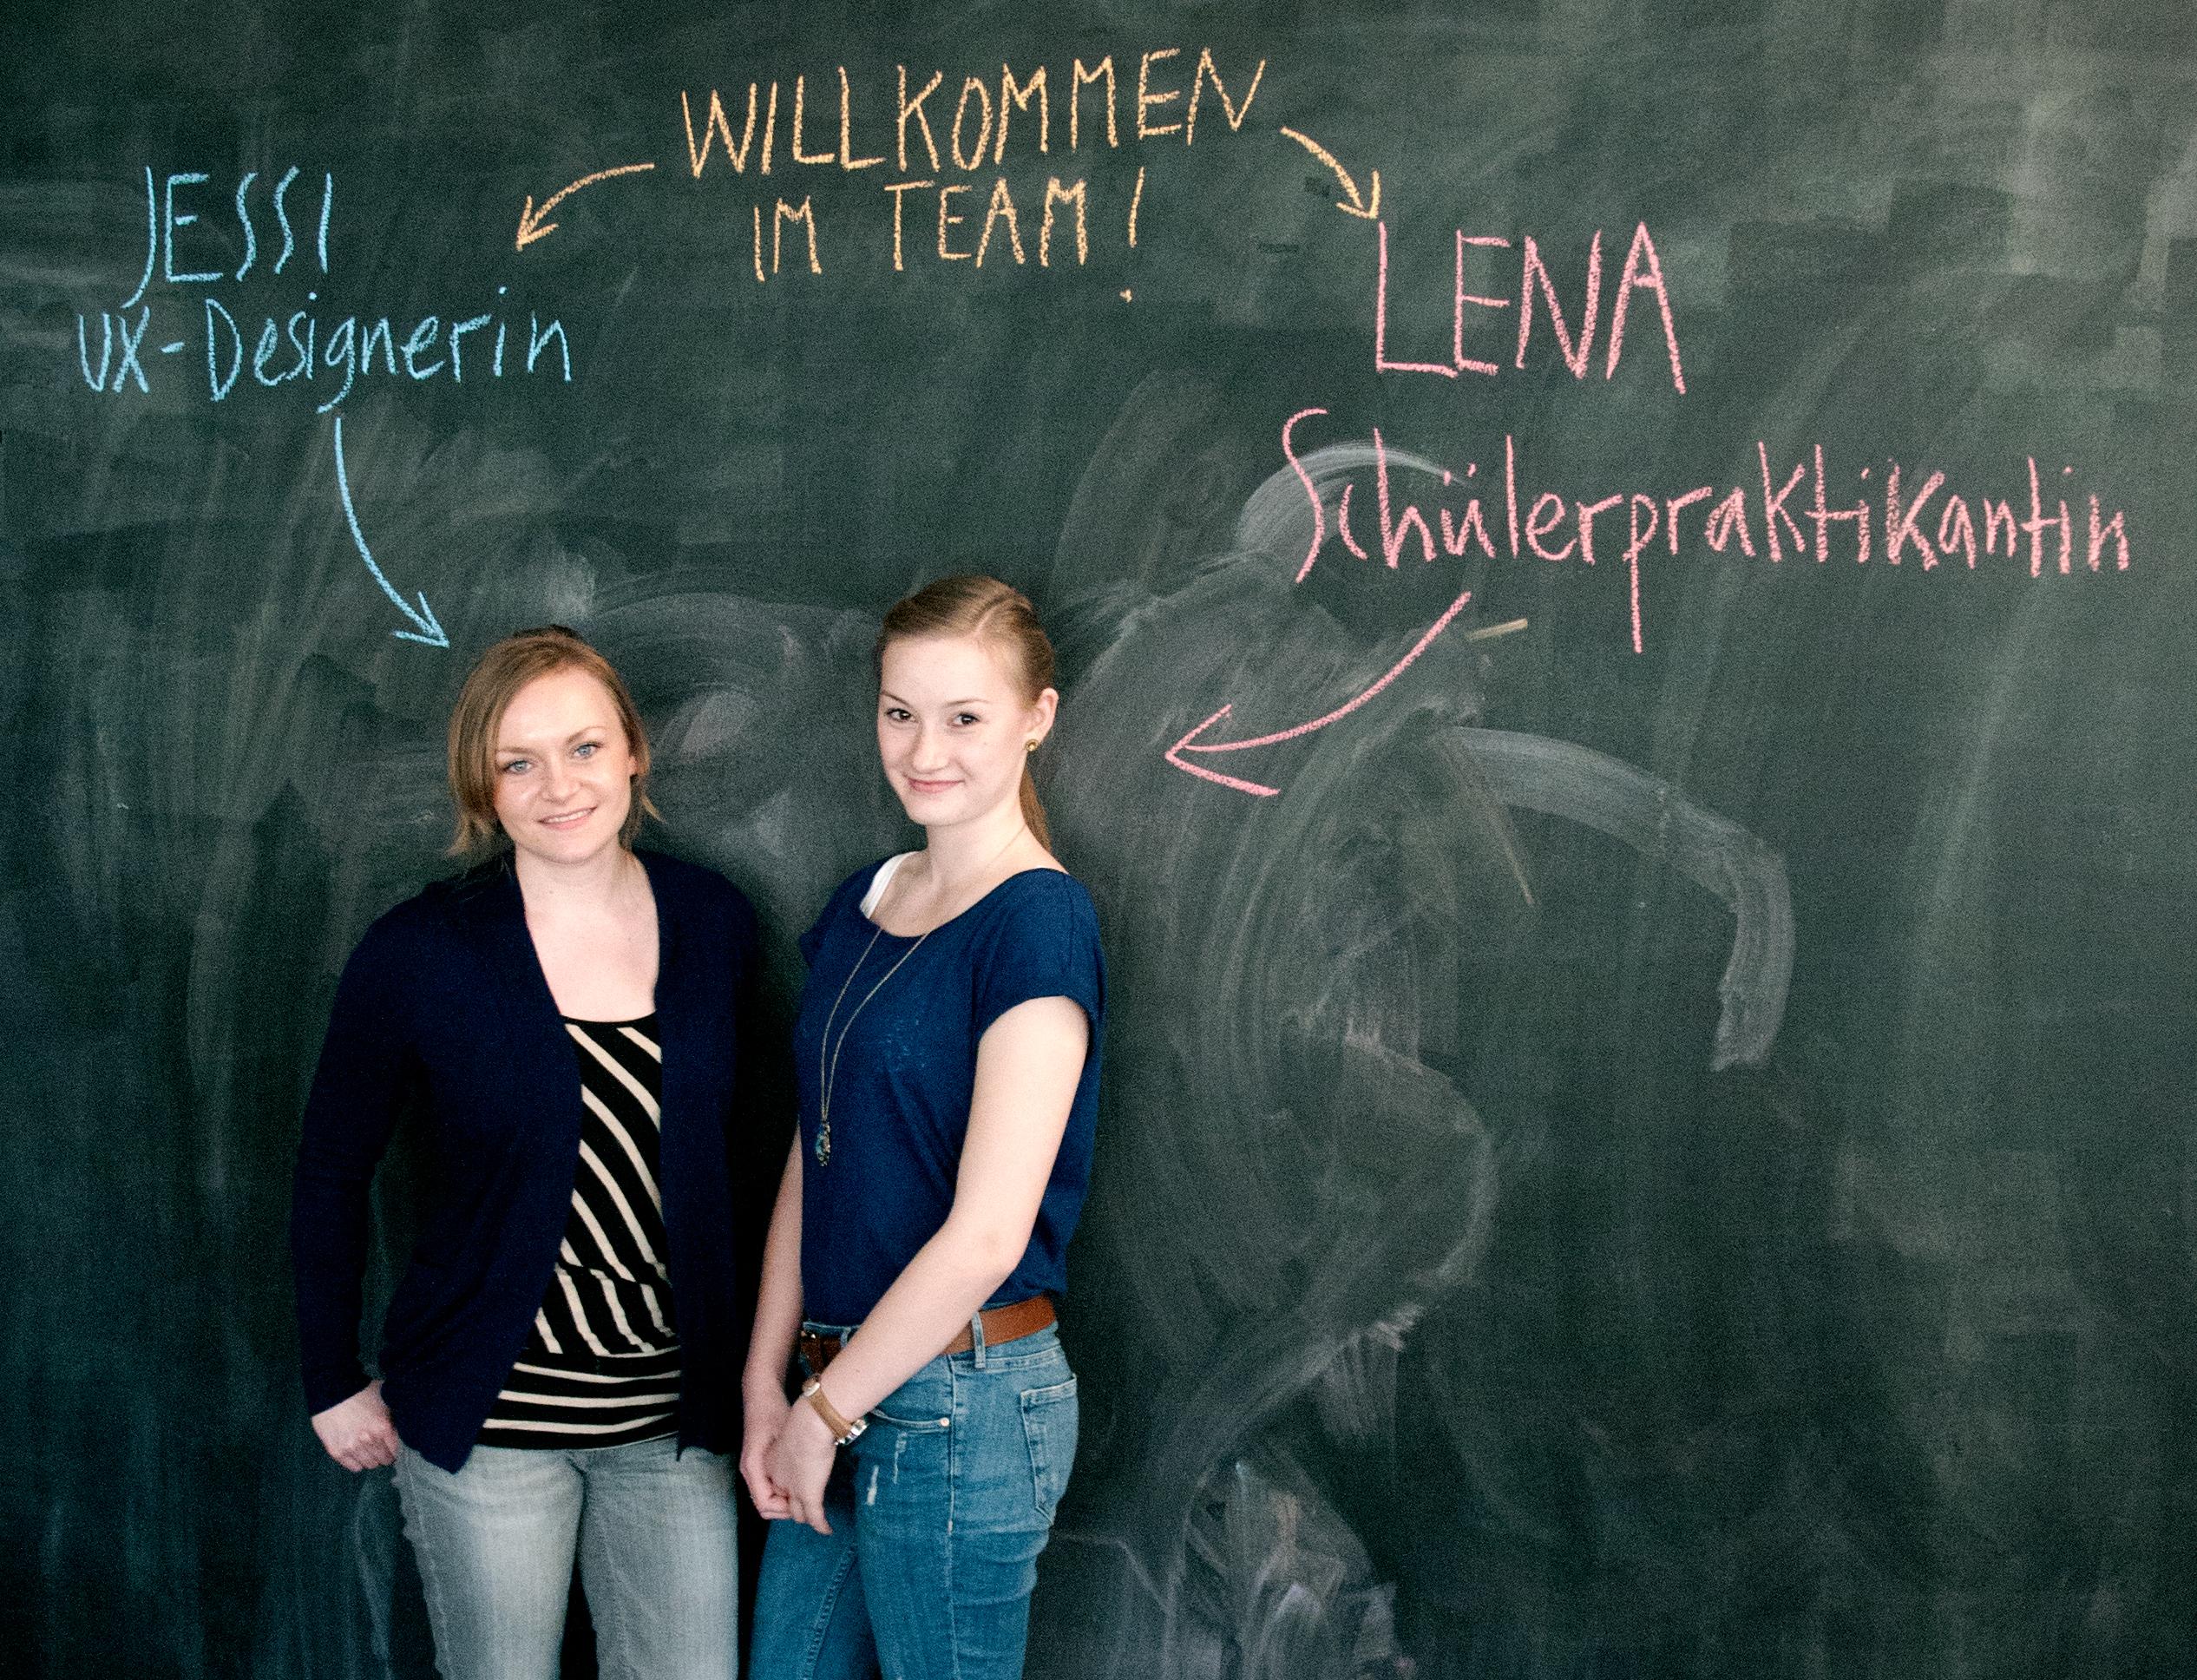 Herzlich Willkommen im think moto Team, Jessi und Lena!